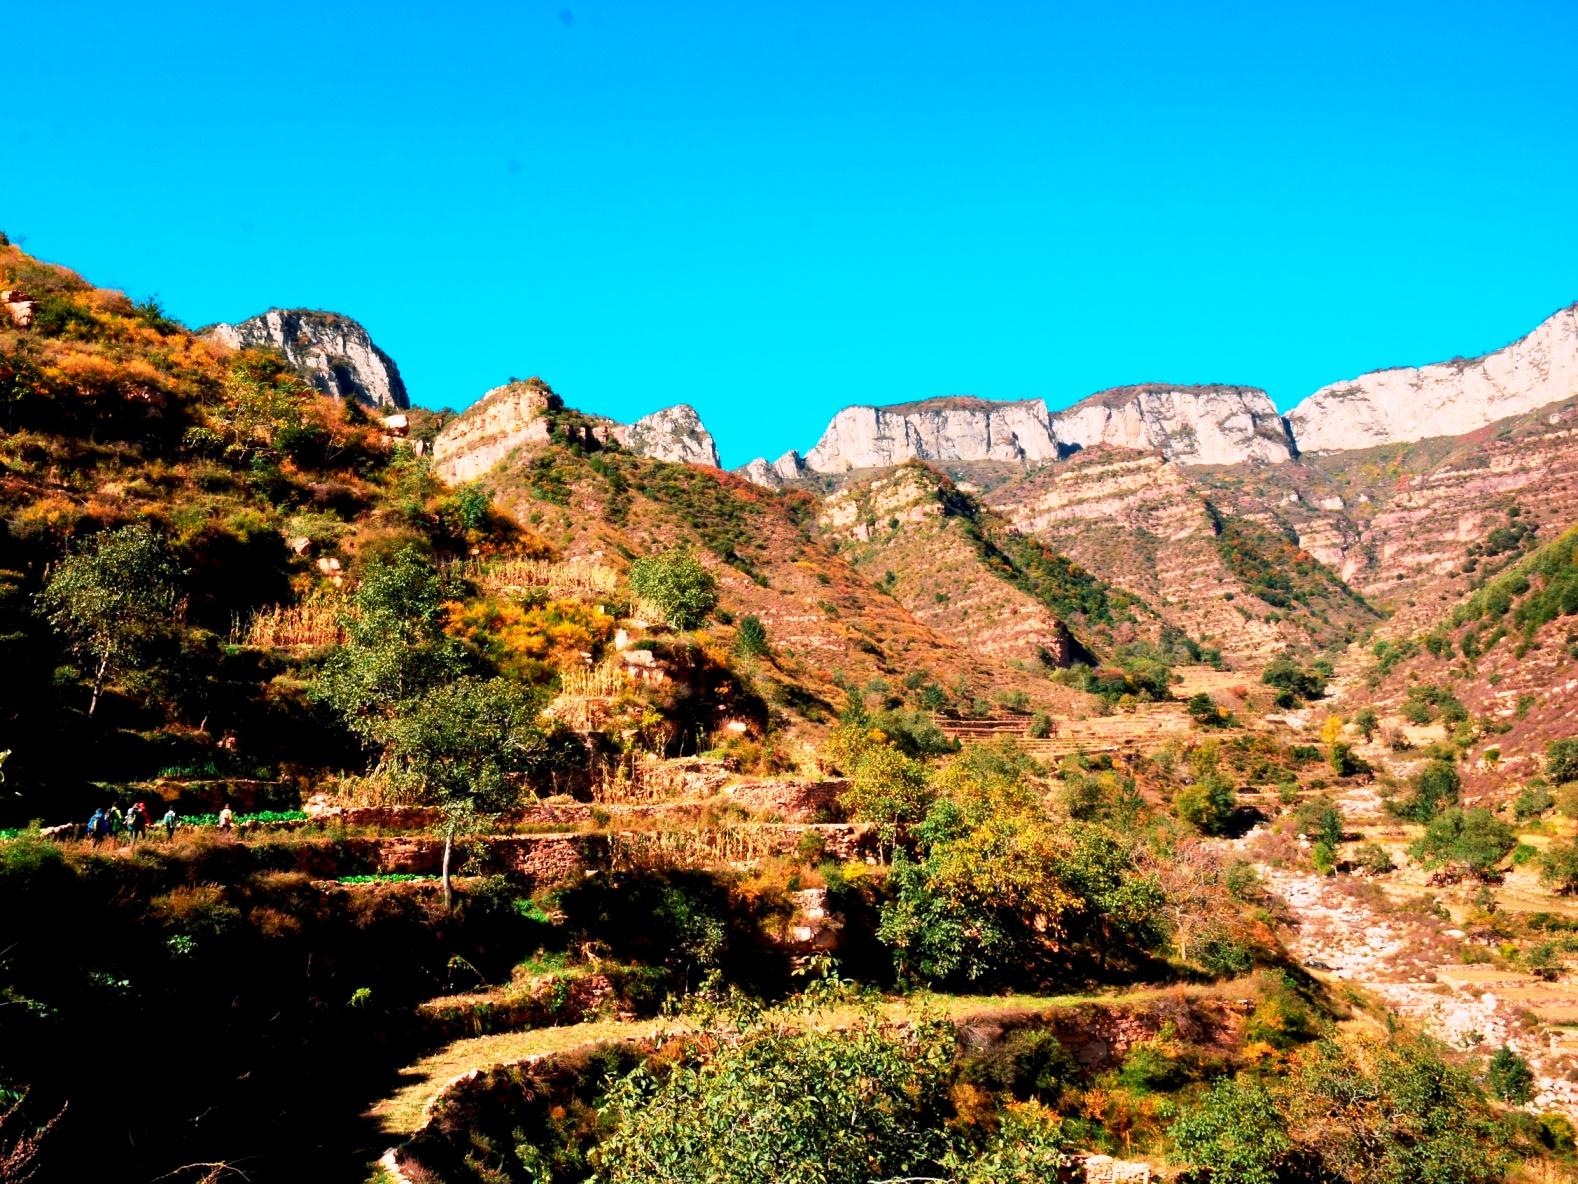 青崖寨(チンヤザイ)の峰々を正面に谷をつめる(2日目)